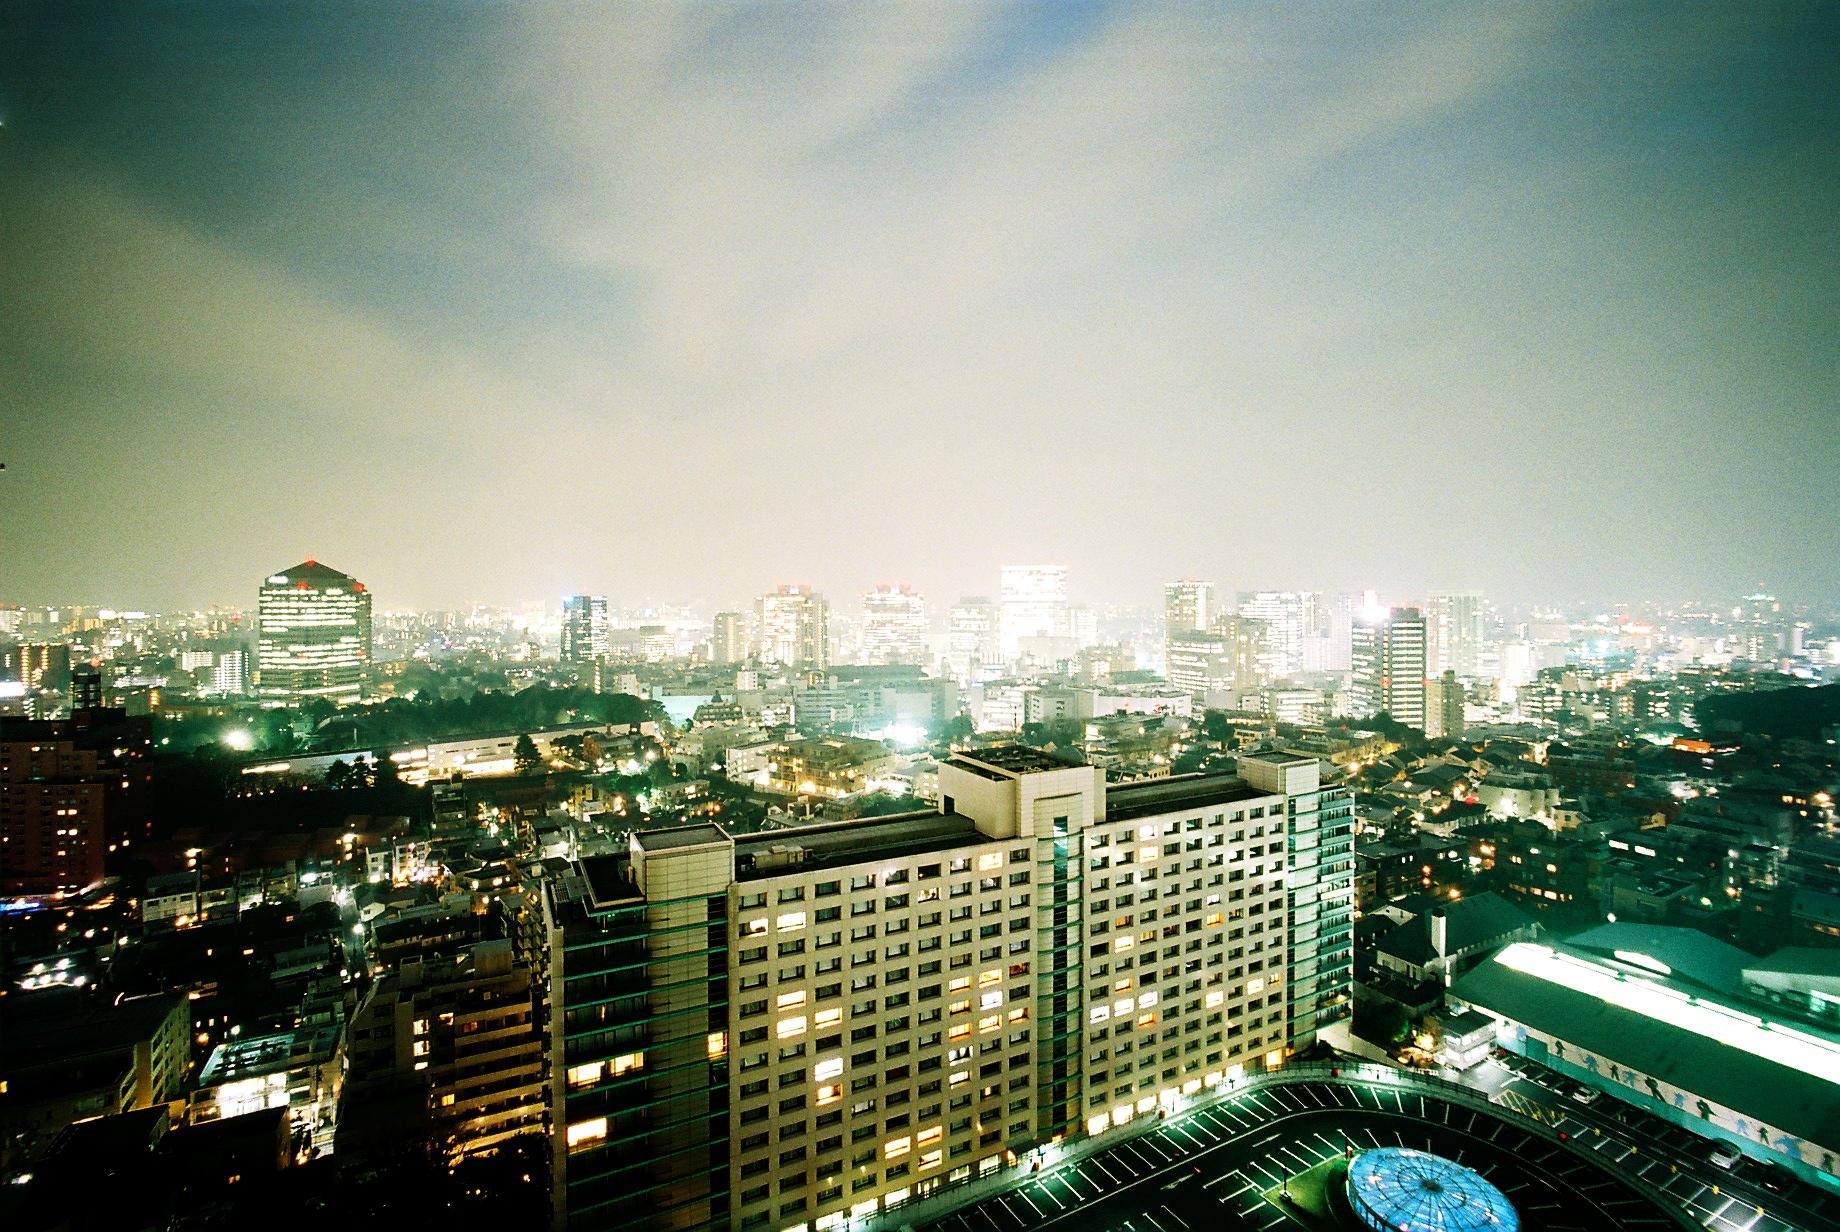 Hintergrundbilder stadt städtisch film japan nacht gebäude